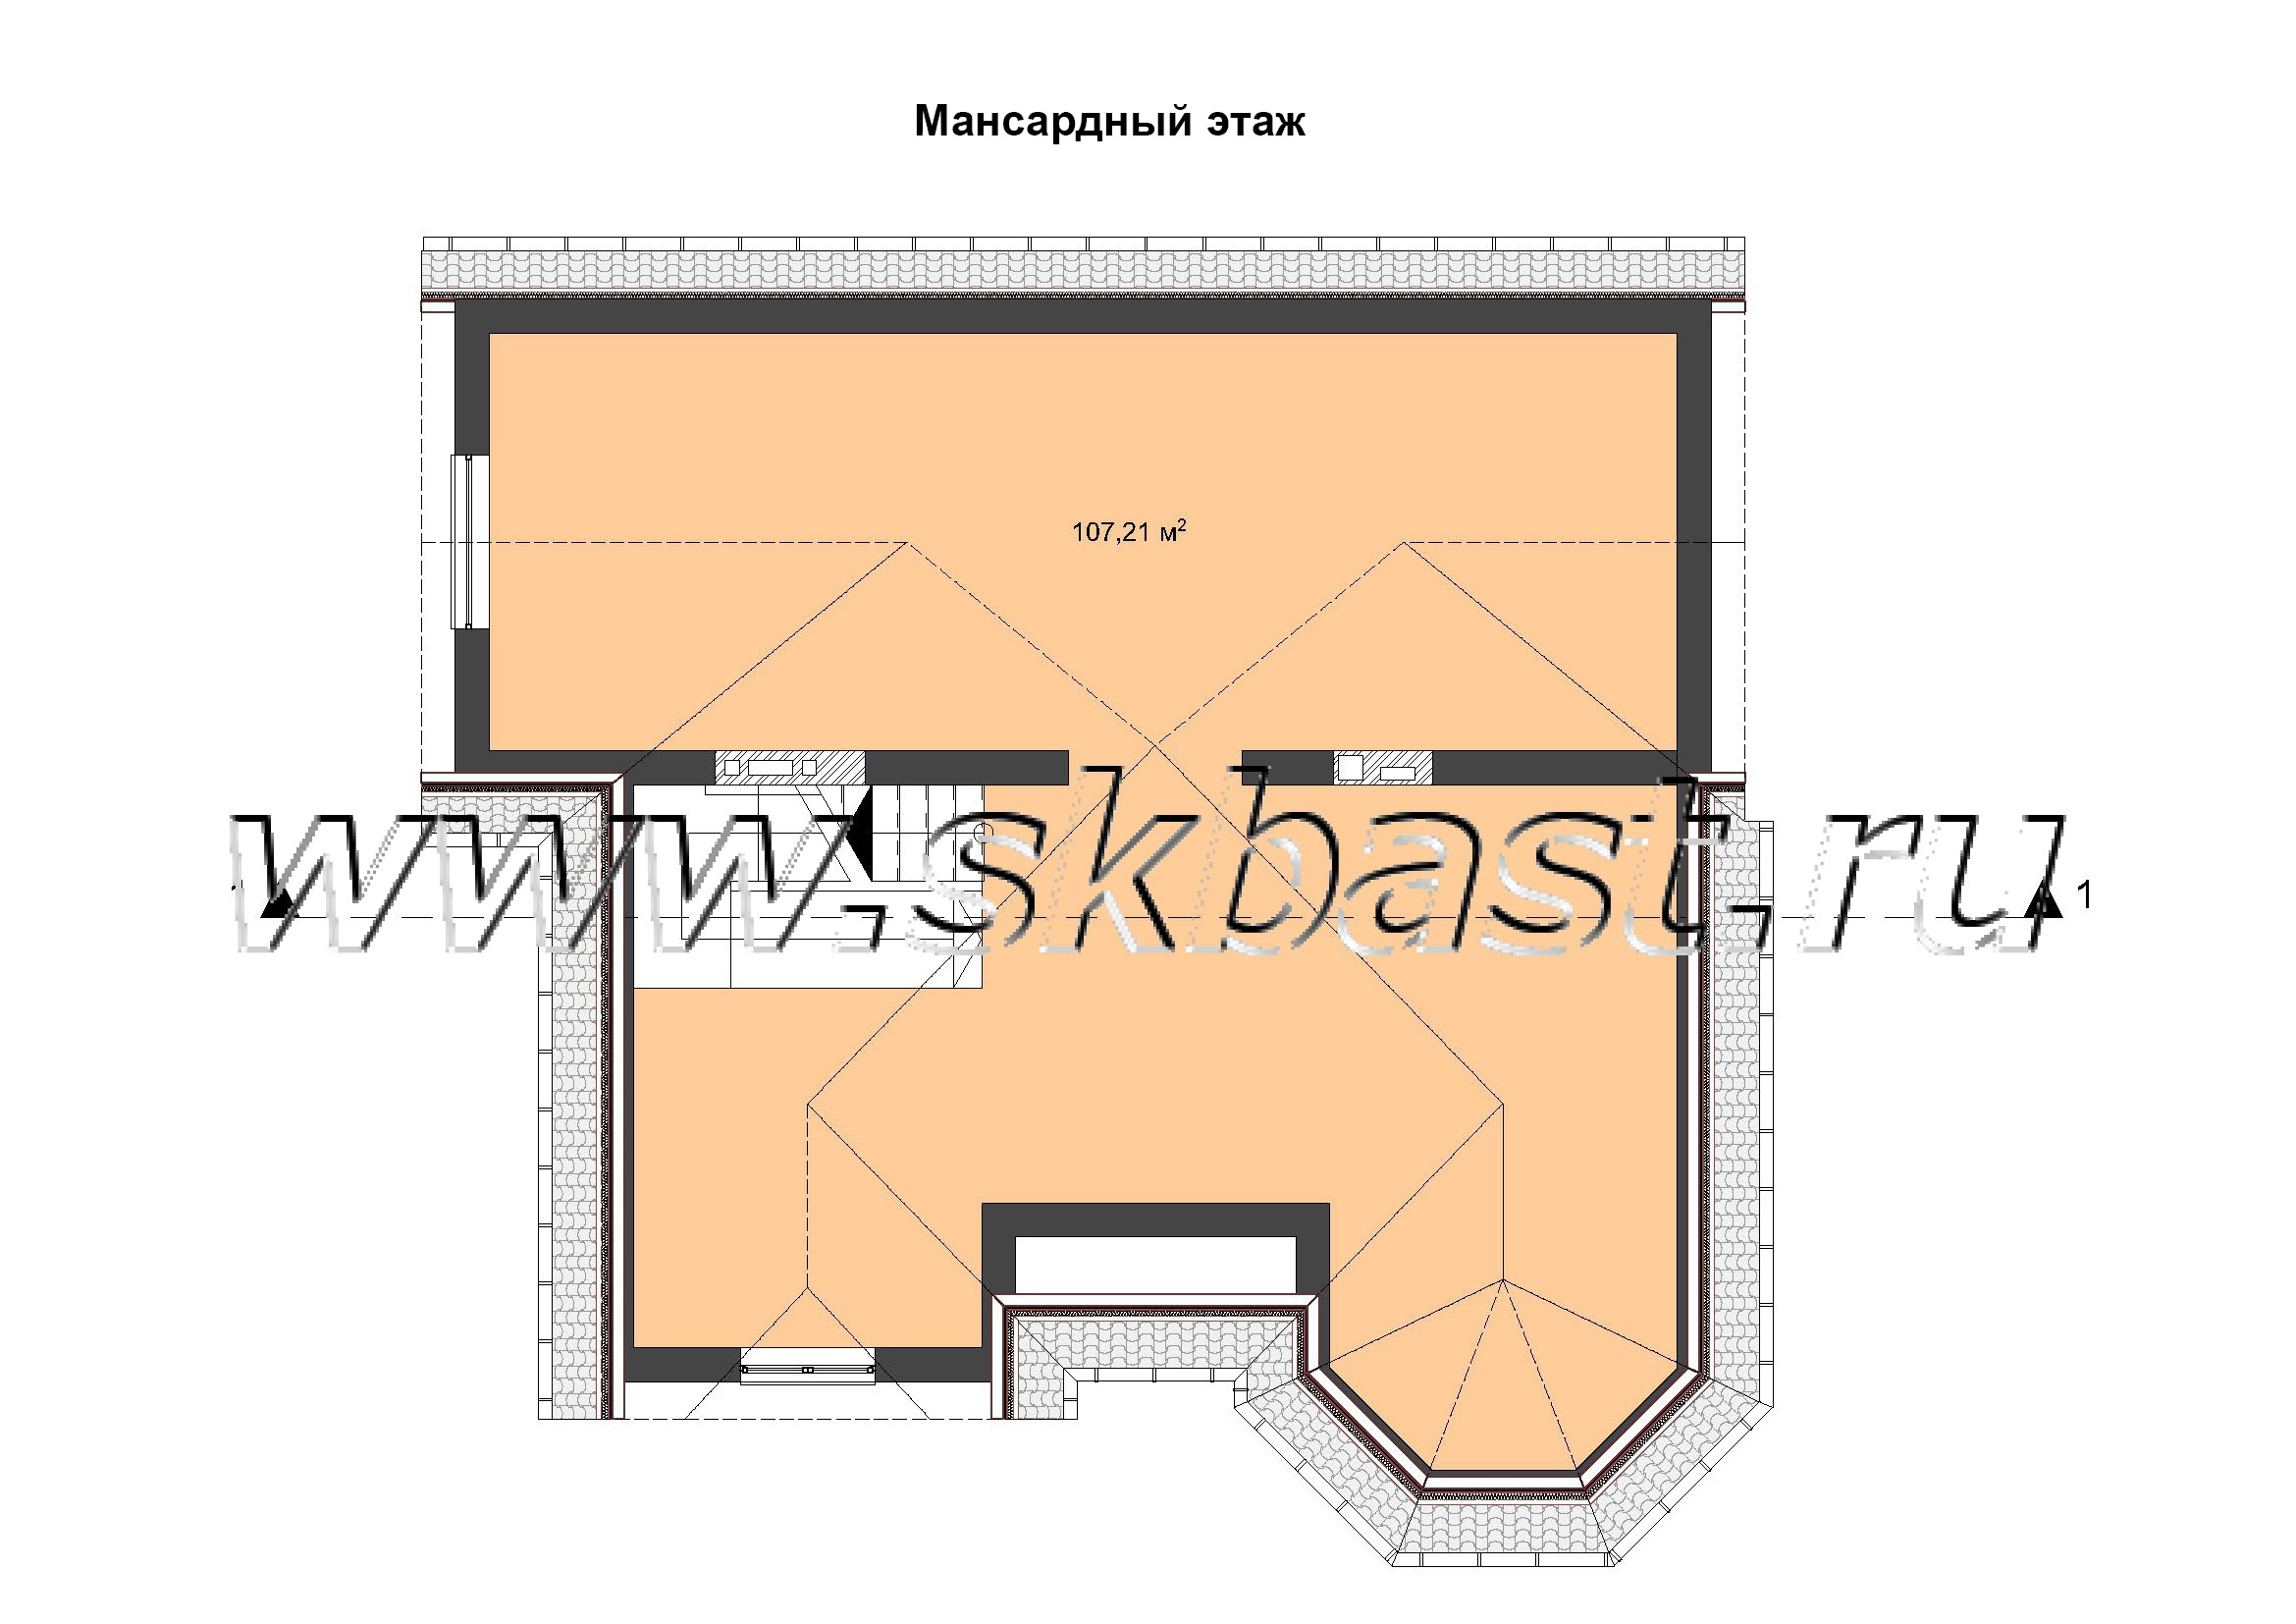 plan-mansardnogo-etaja-zaozernoe.jpg